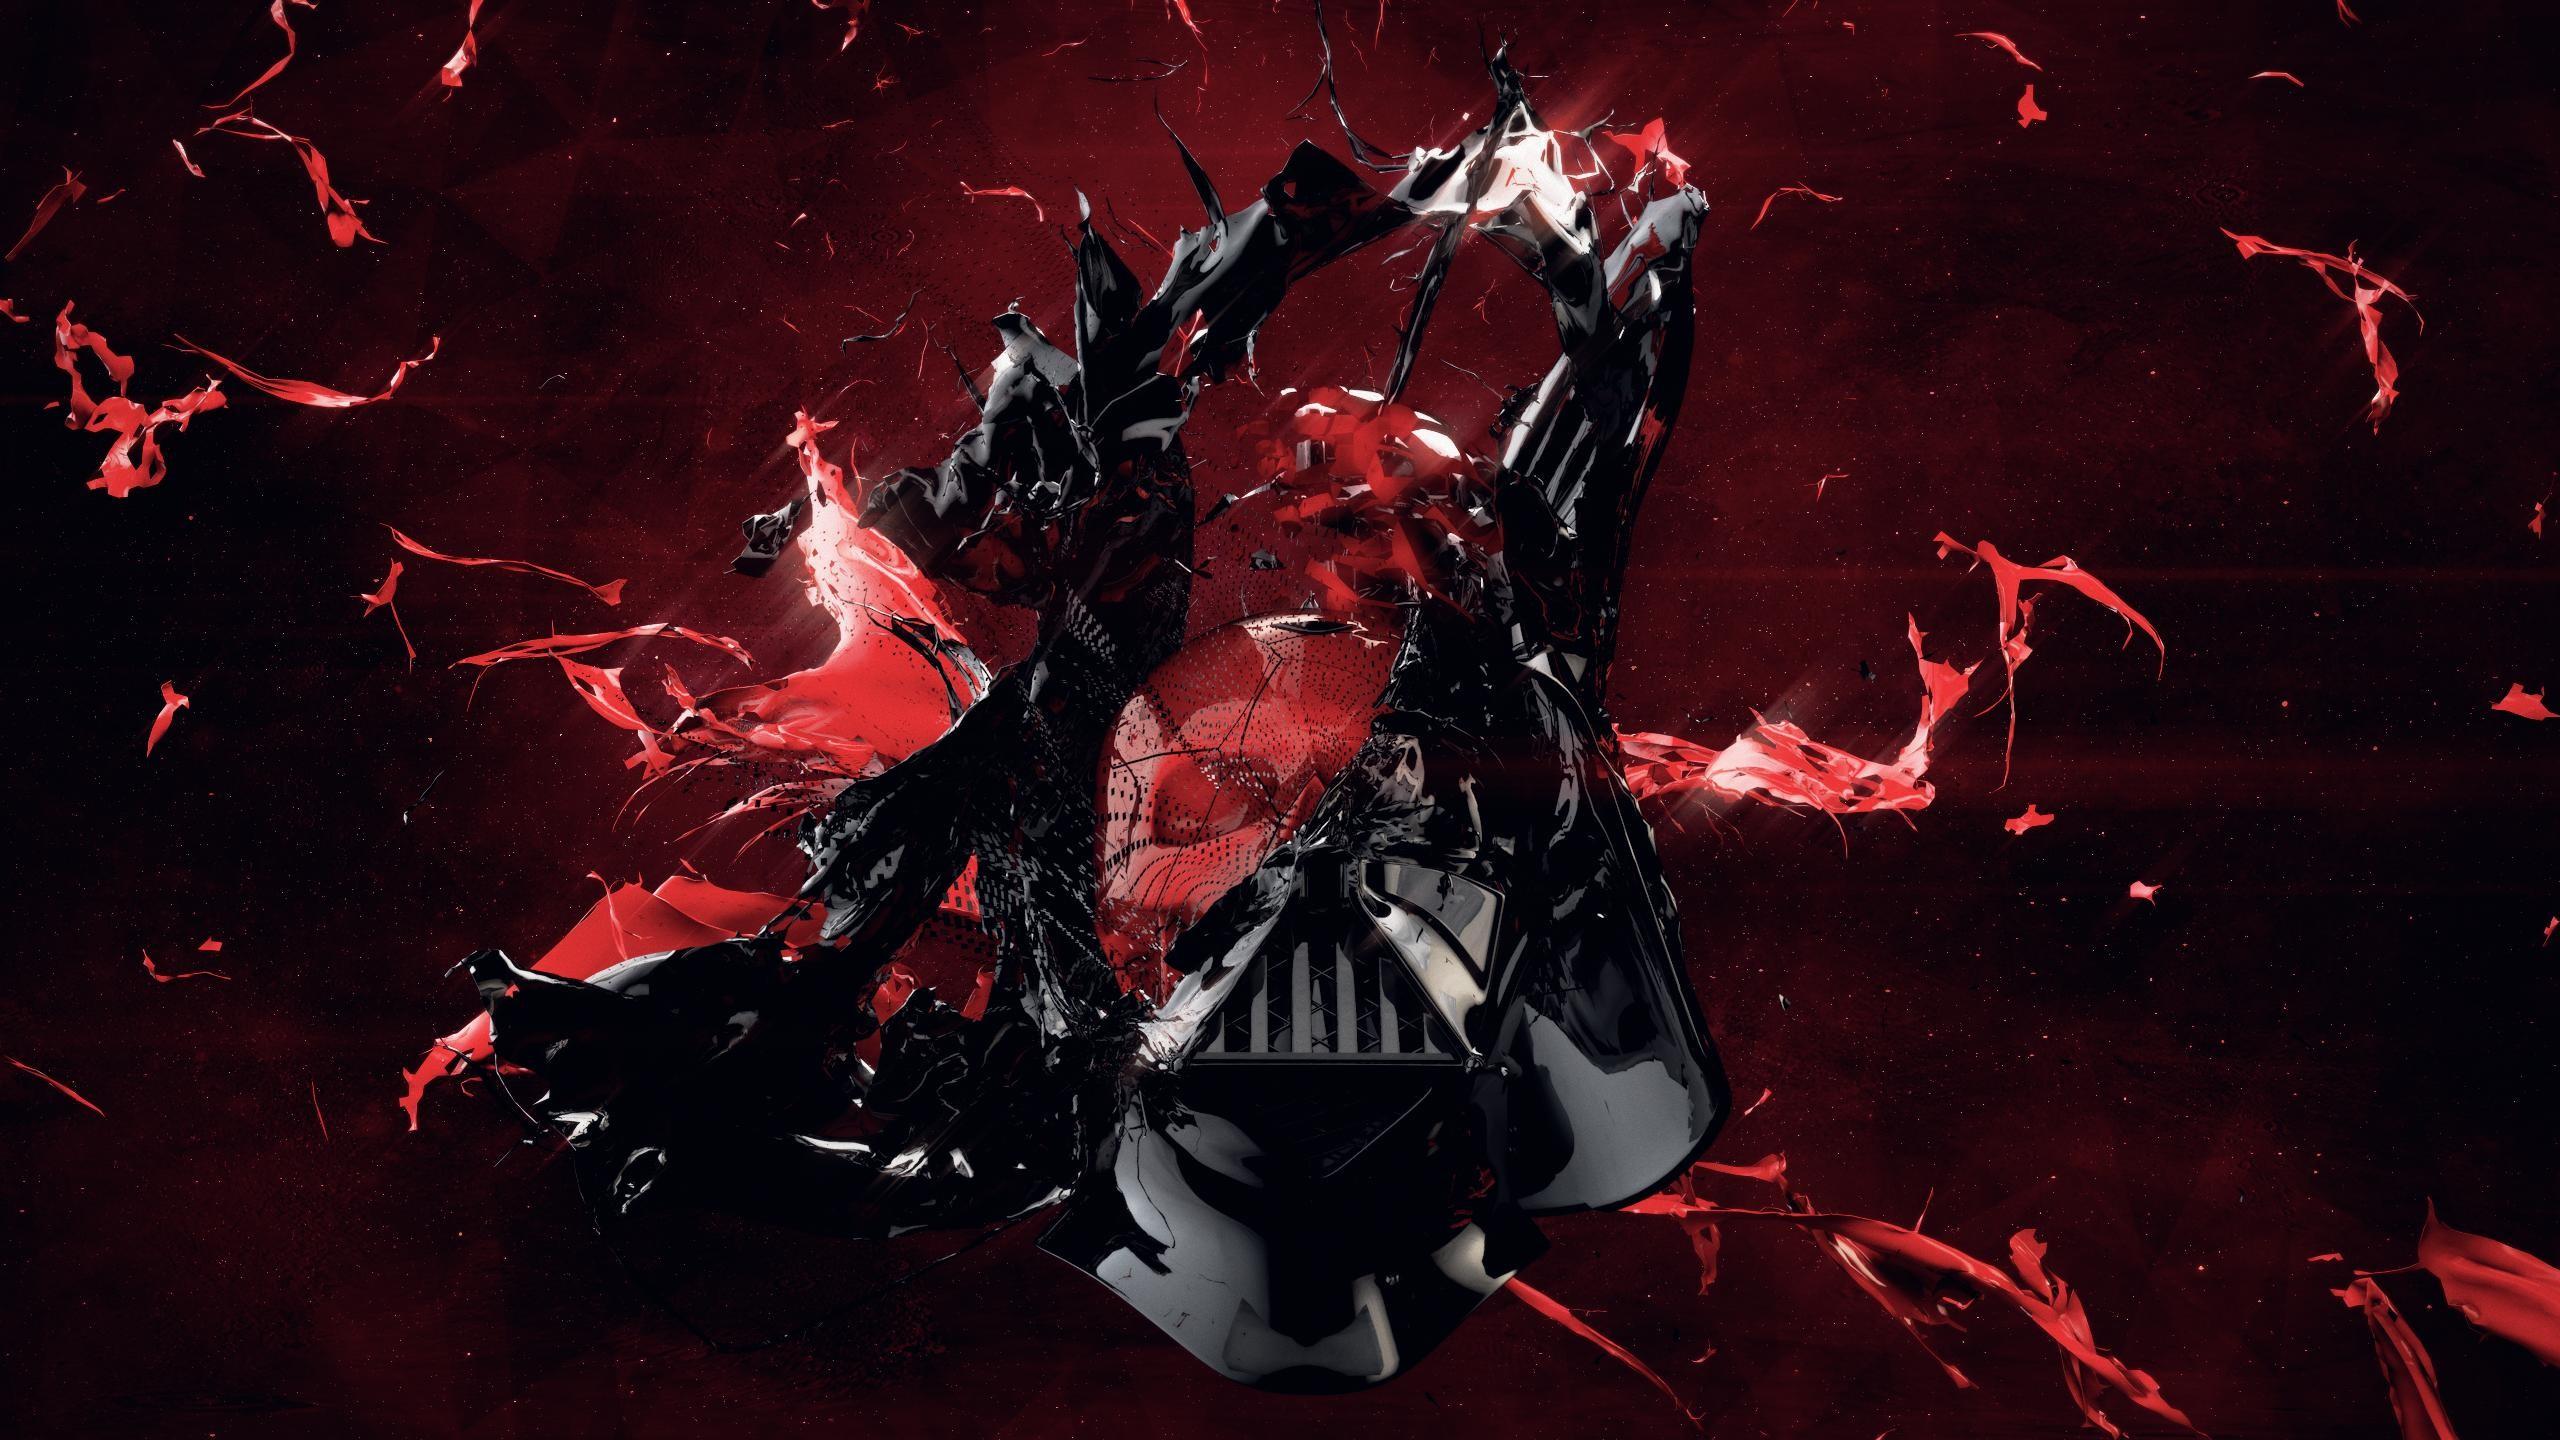 Darth Vader Wallpaper [2560×1440]